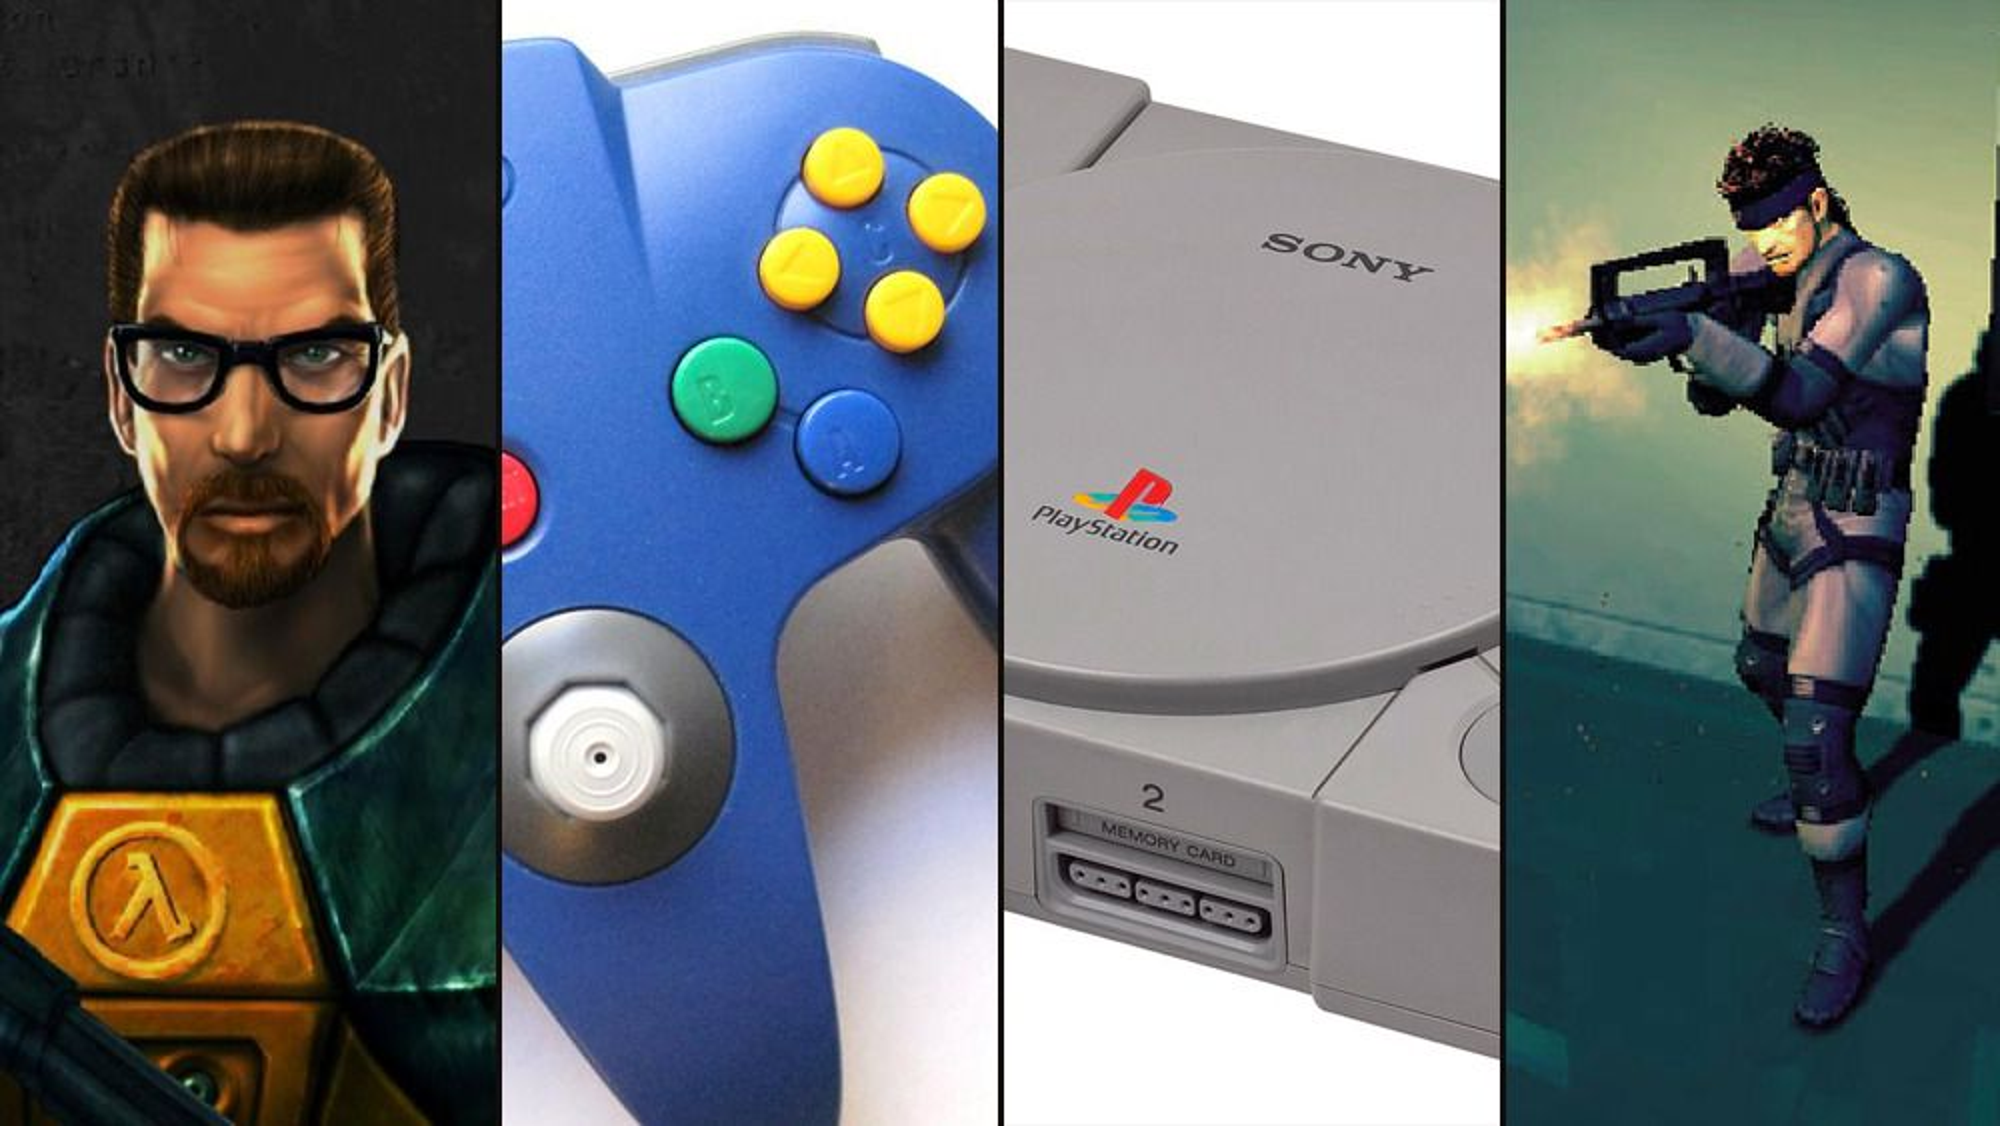 FEATURE: Opplev E3-høydepunktene fra 1995 til i dag